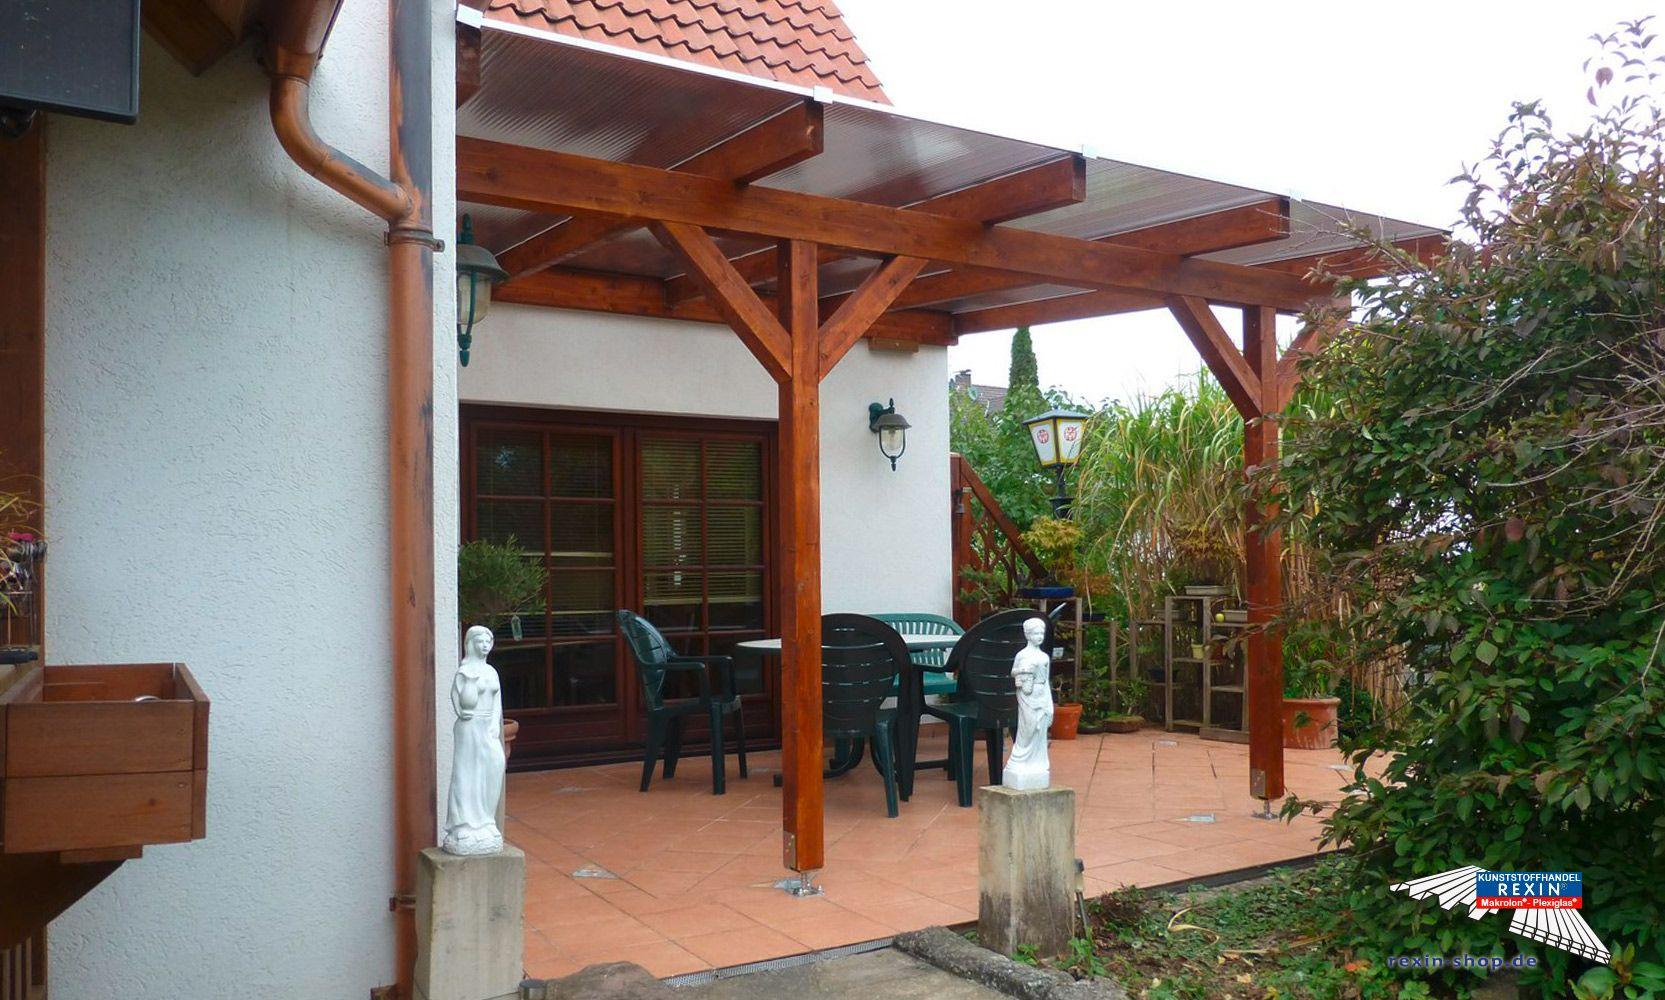 Ein Holz Terrassendach Der Marke Rexocomplete 4m X 3 5m Mit Stegplatten In Bronze Als Farbe Fur Die Holzschutzcreme Wurde Outdoor Structures Pergola Outdoor